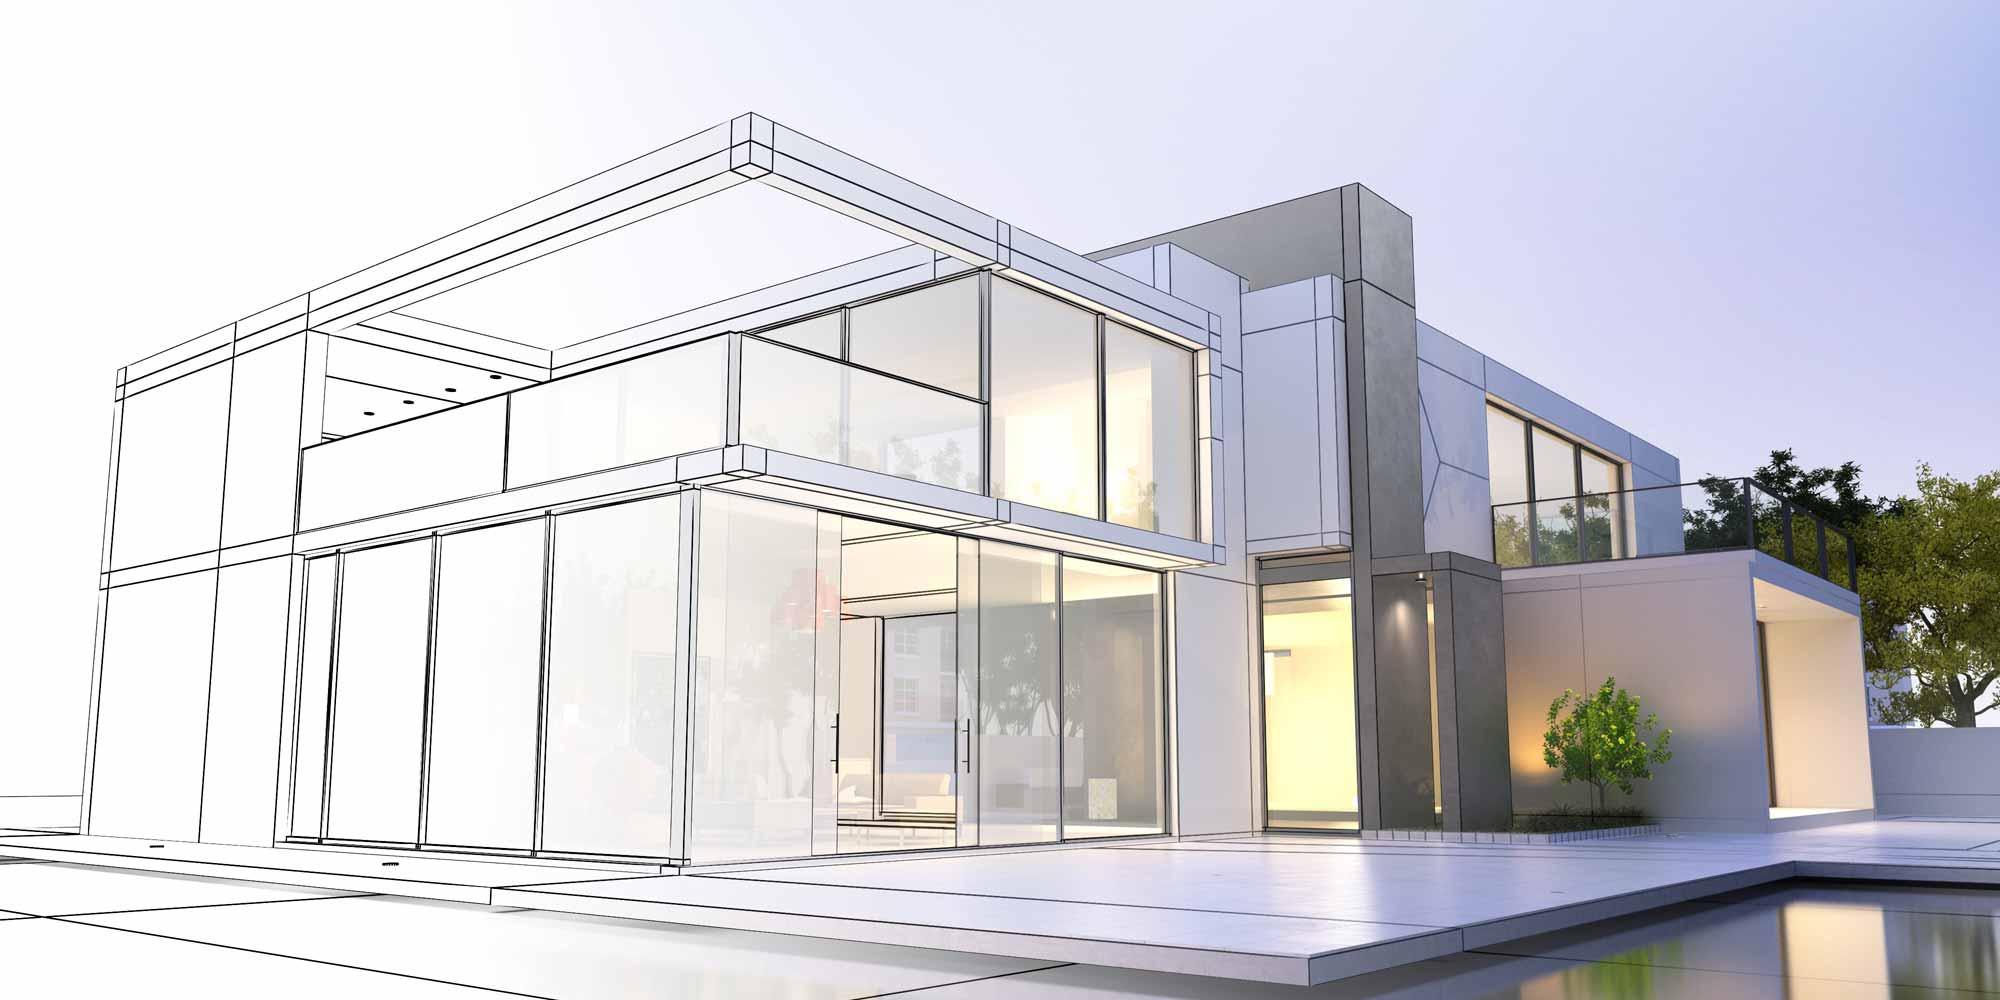 Investissement immobilier : comment bien investir dans l'immobilier ?